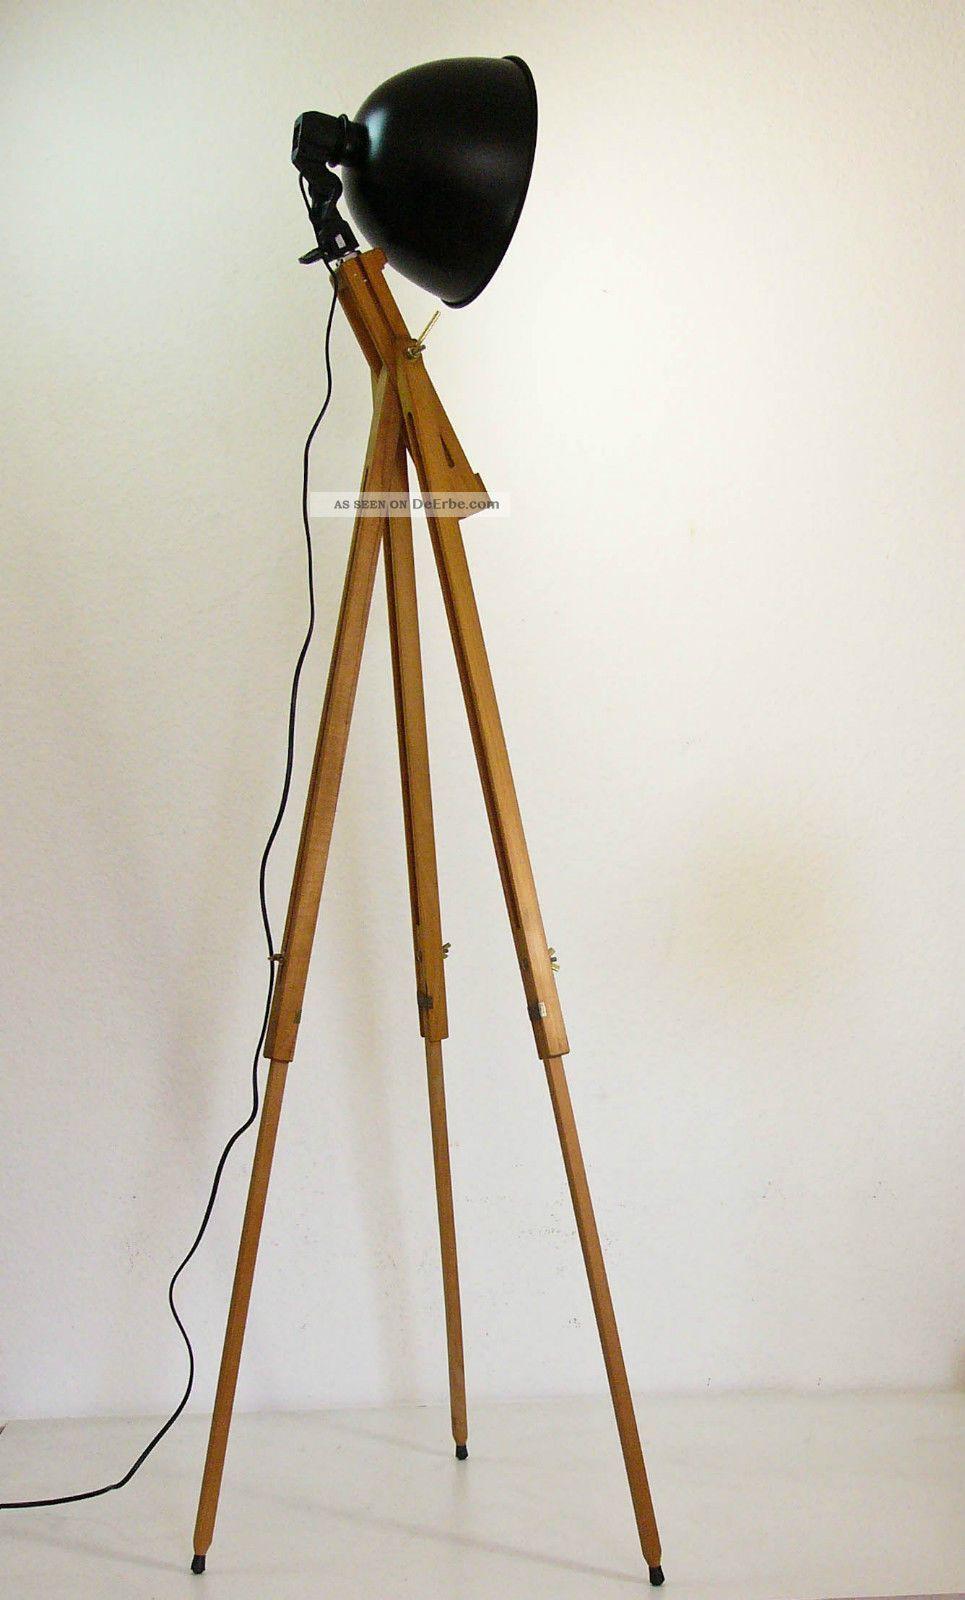 Ansprechend Holz Stehleuchte Das Beste Von Tripod Stehlampe Scheinwerfer Dreibein Stativ Lampe Retro